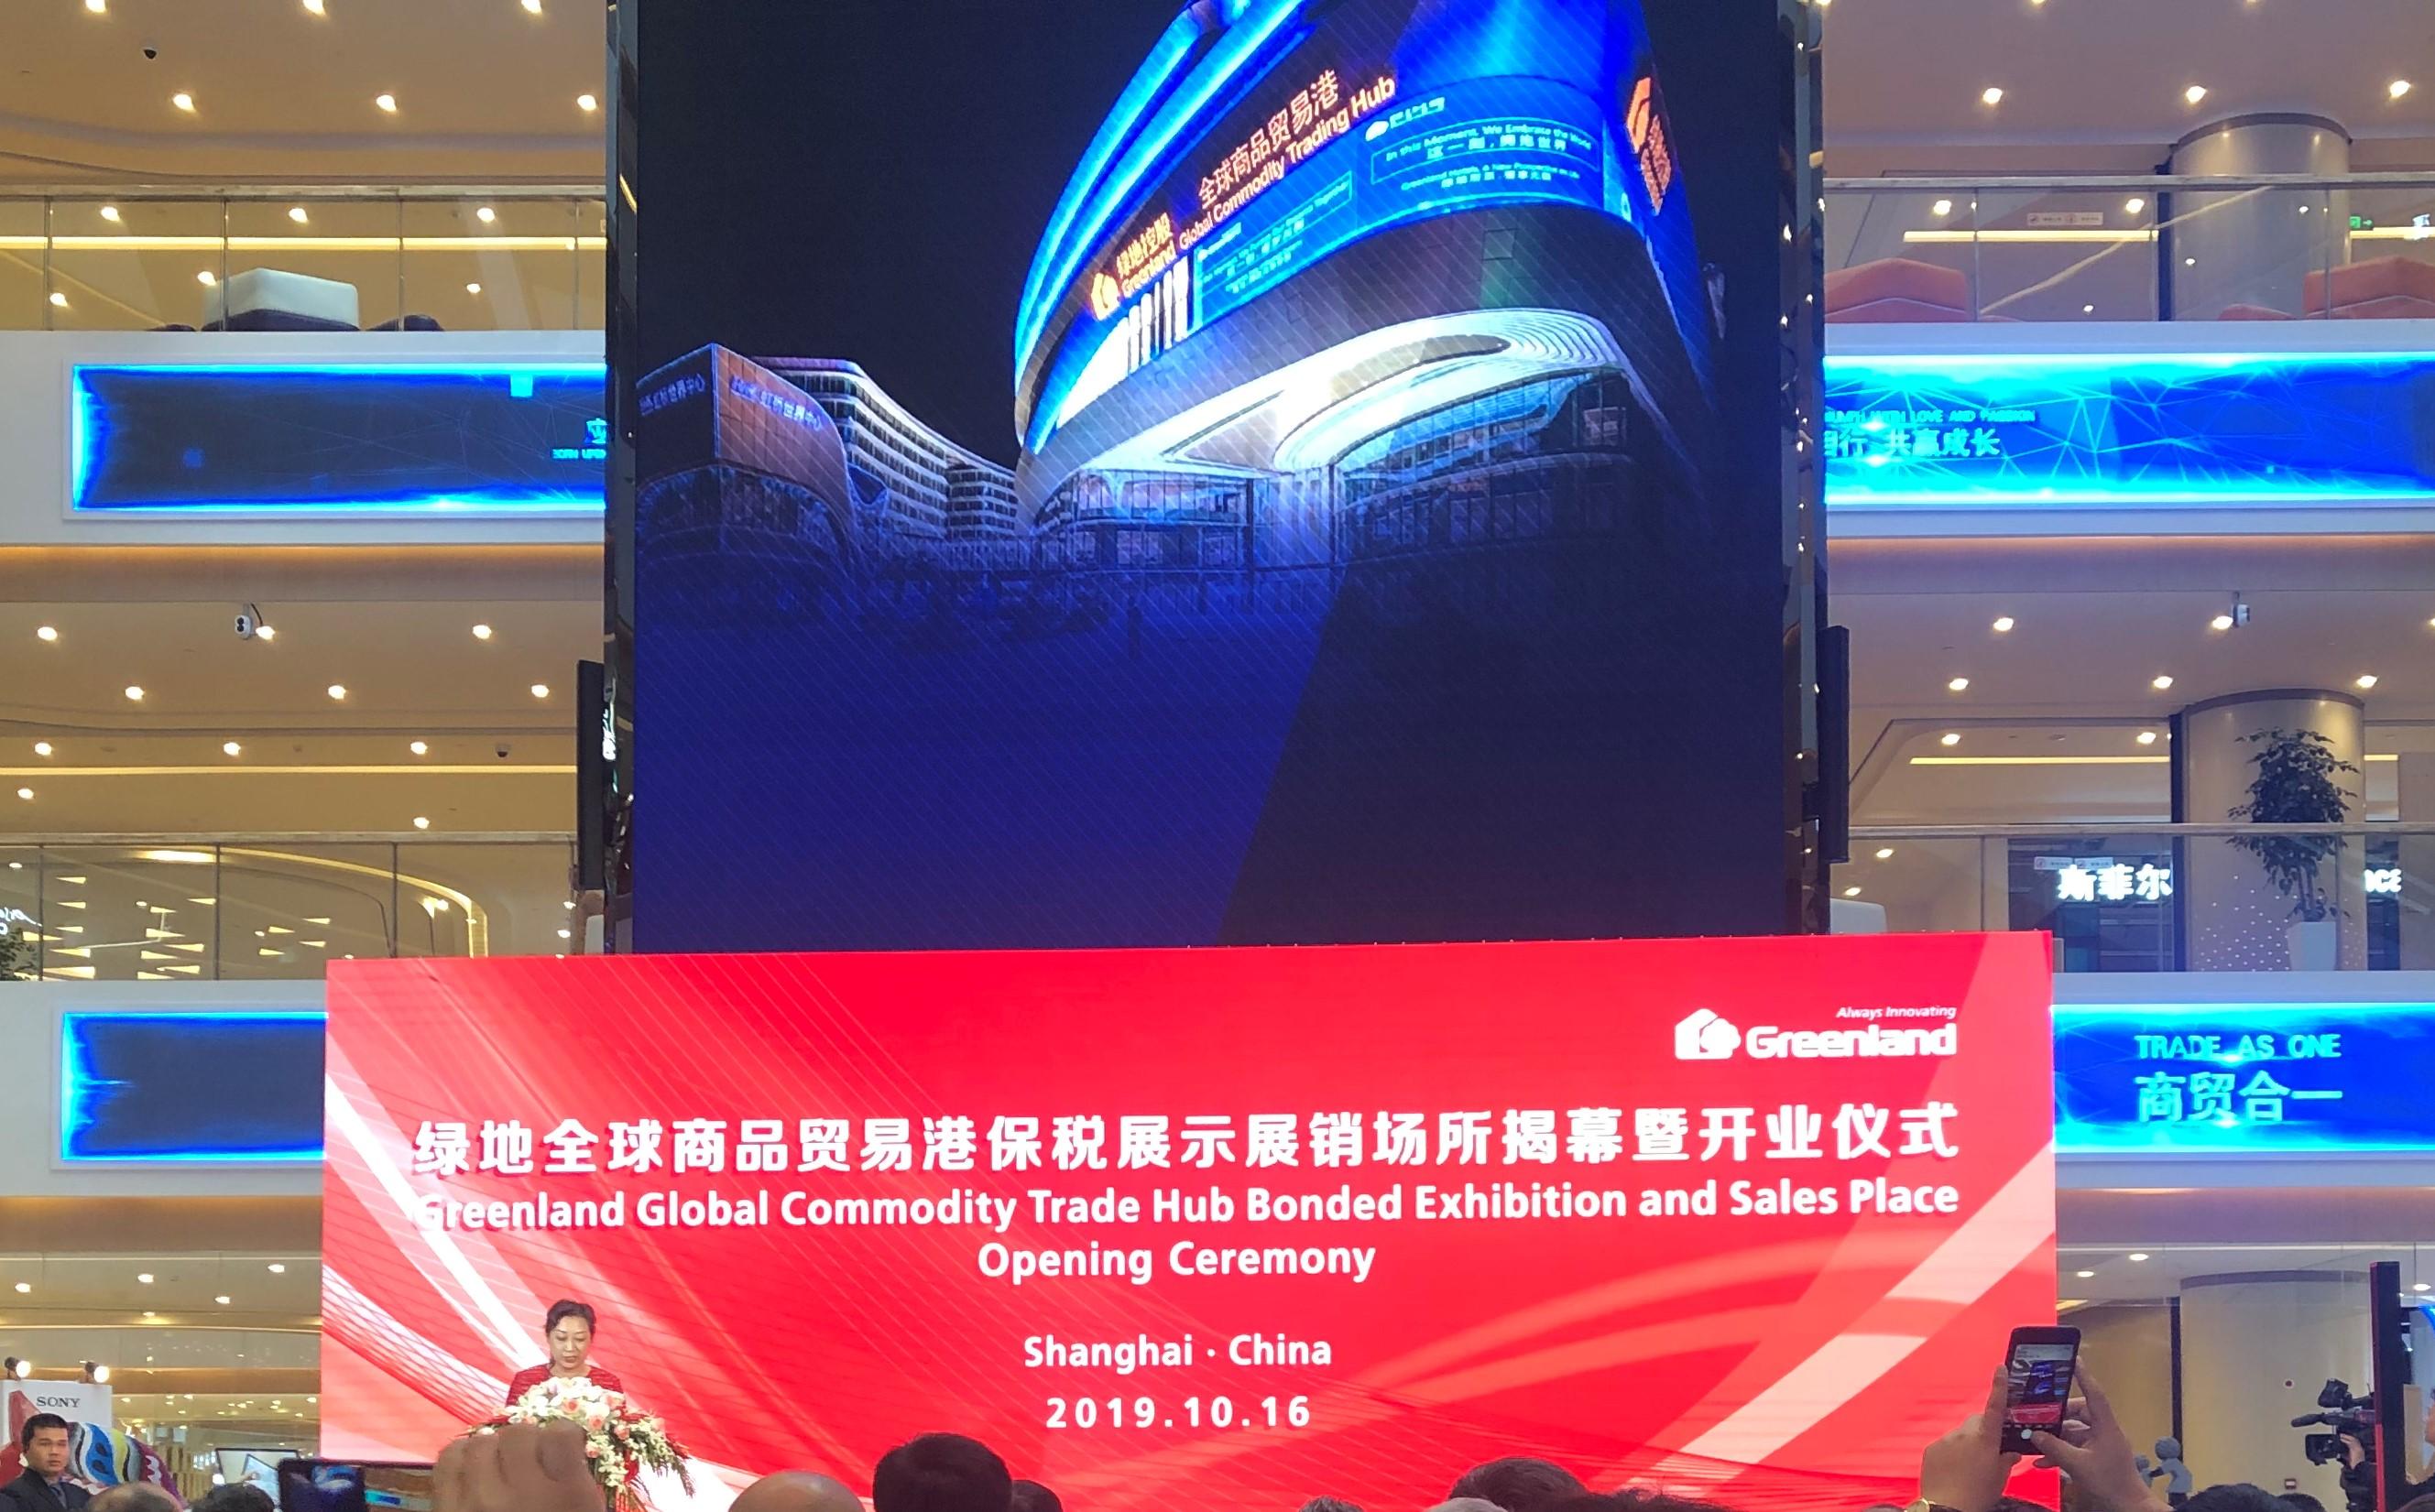 上海首个保税展示展销场所亮相,绿地全球商贸港全面升级